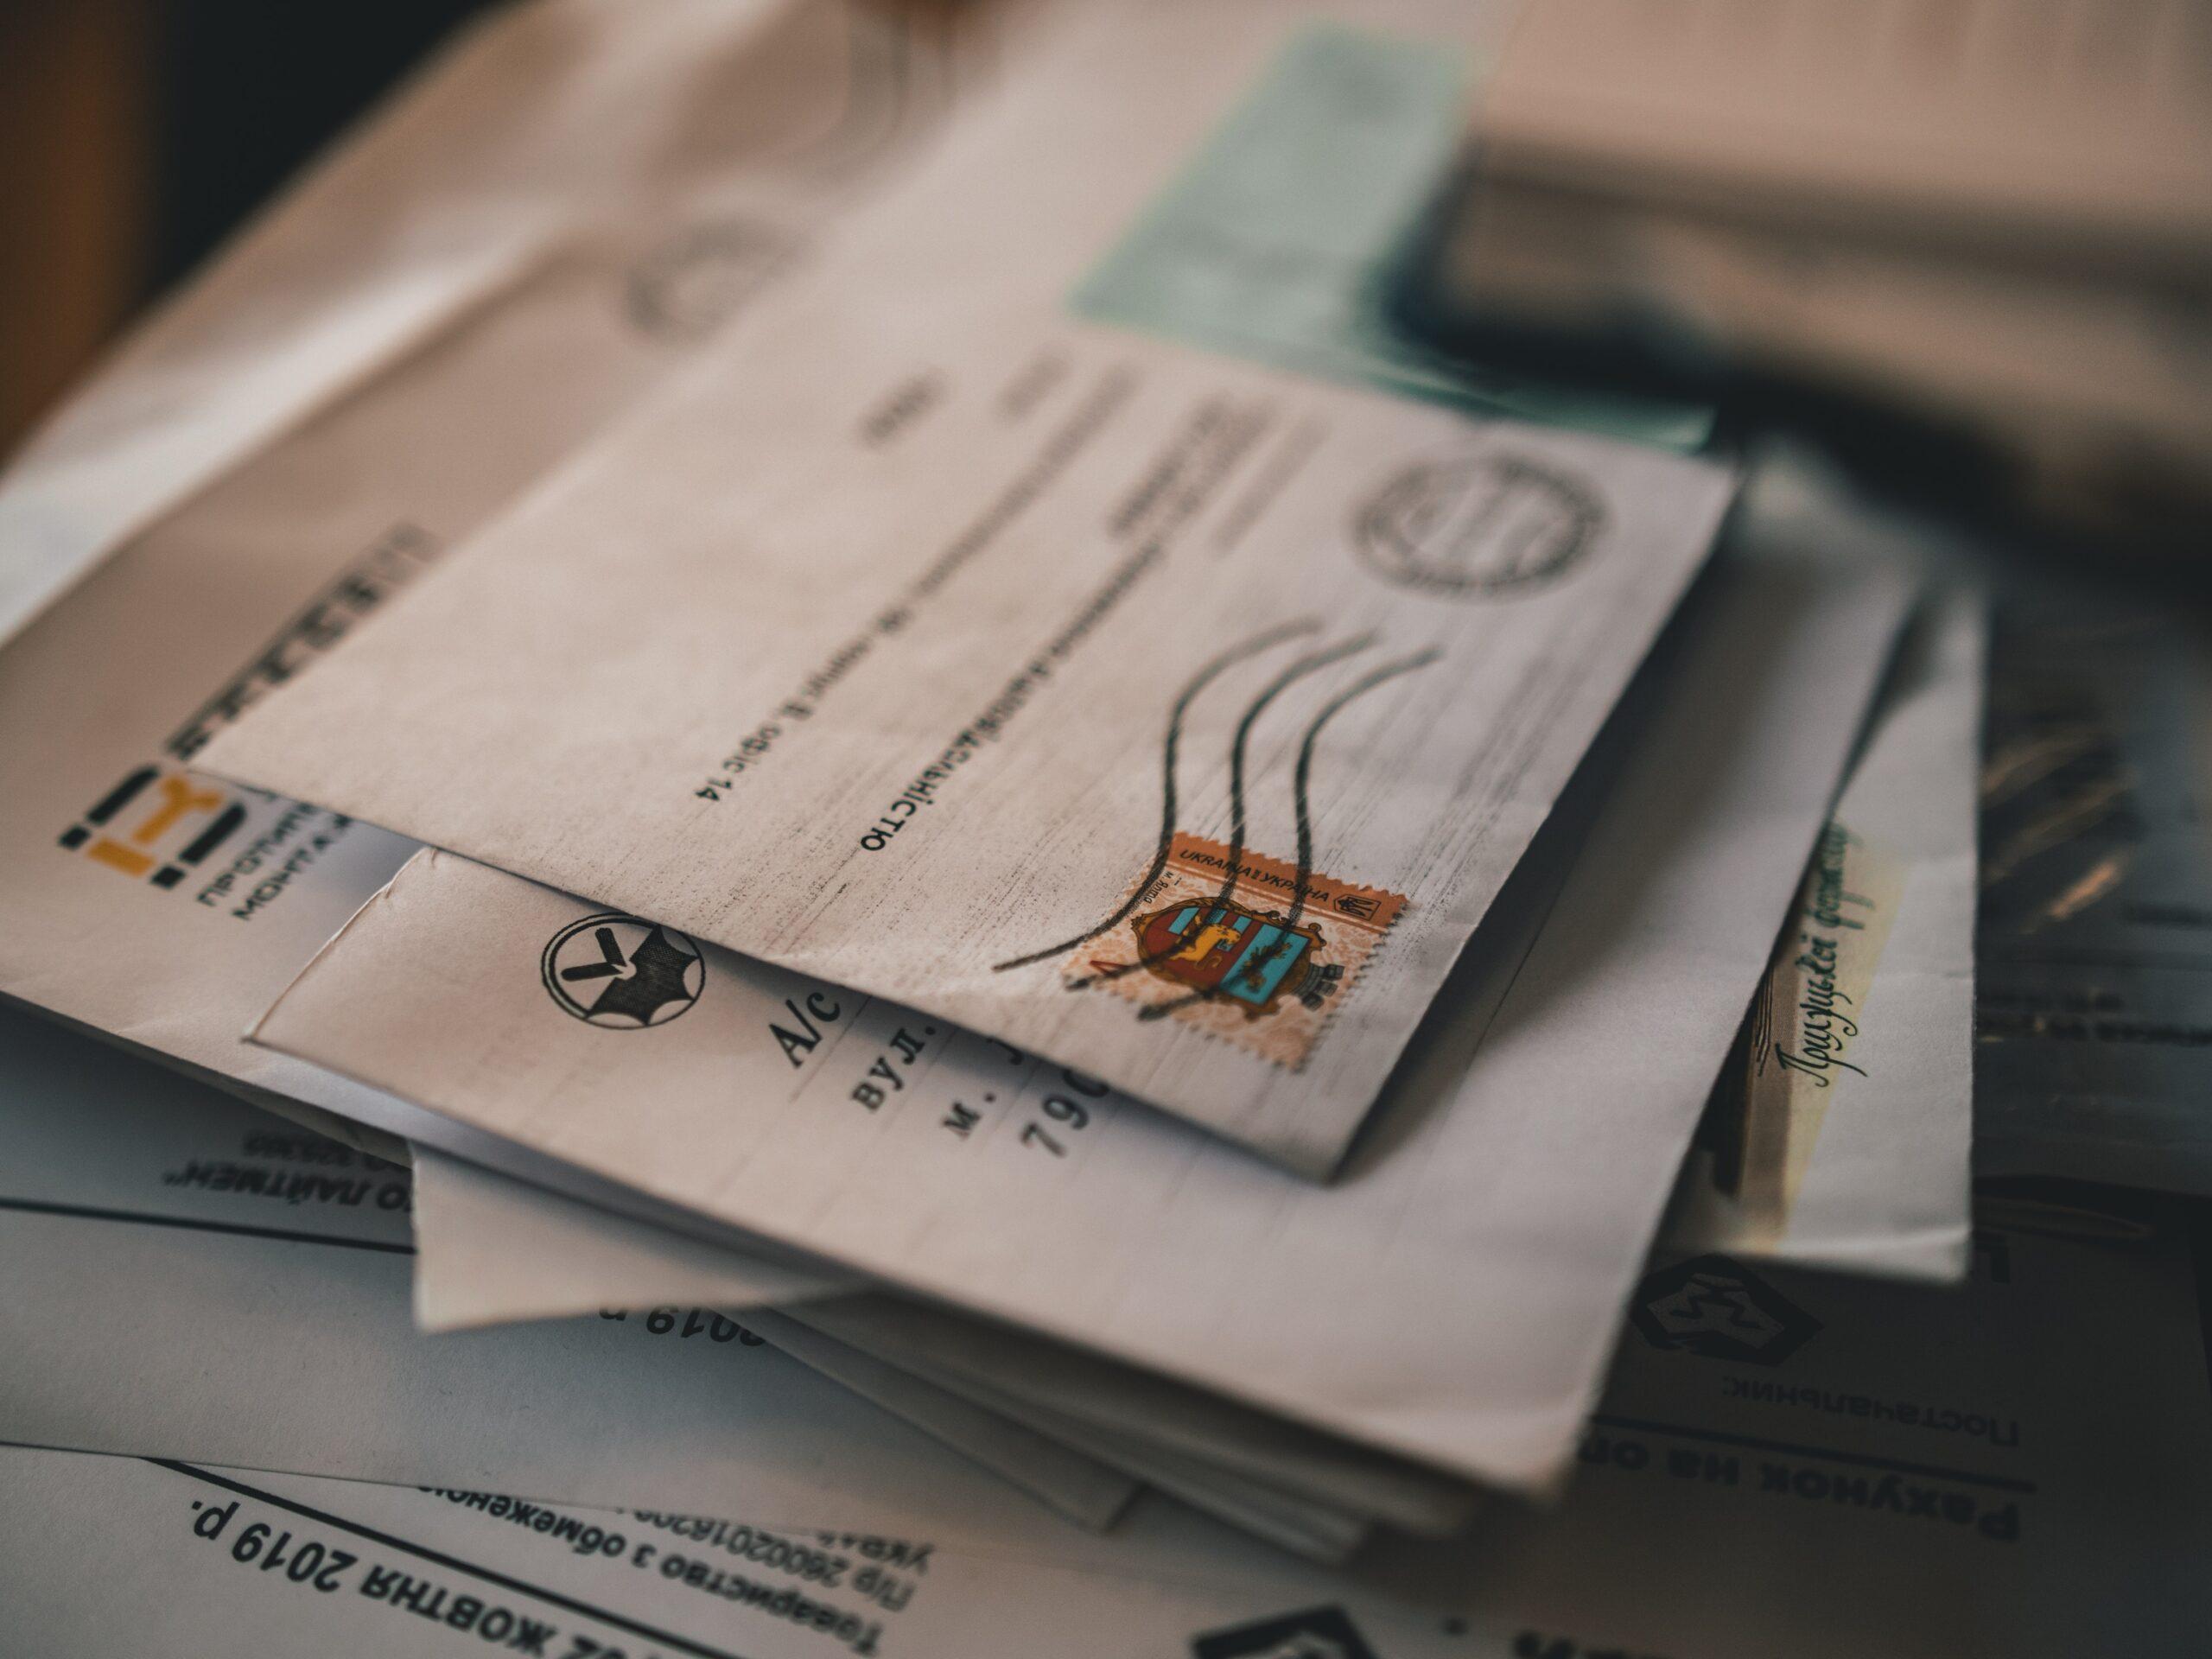 55., action, pay bills online, envelopes, paper, waste